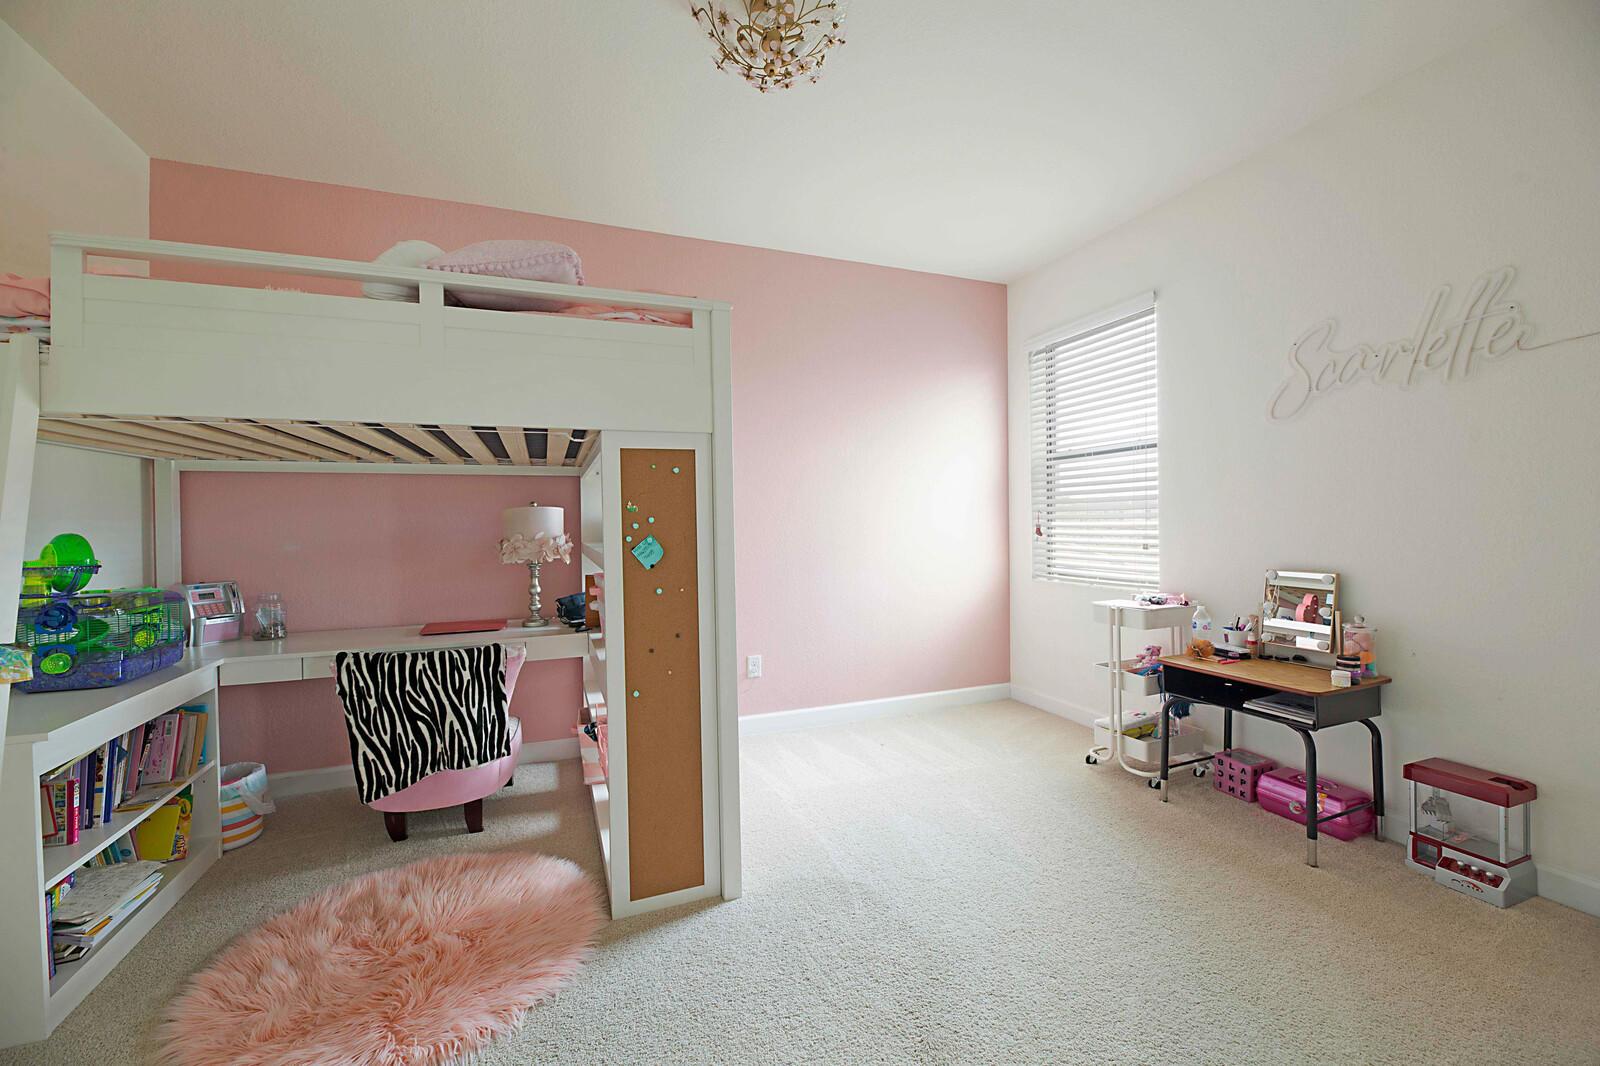 5884 Sandbirch Way, Lake Worth, Florida 33463, 4 Bedrooms Bedrooms, ,3 BathroomsBathrooms,Residential,For Sale,Sandbirch,RX-10707777